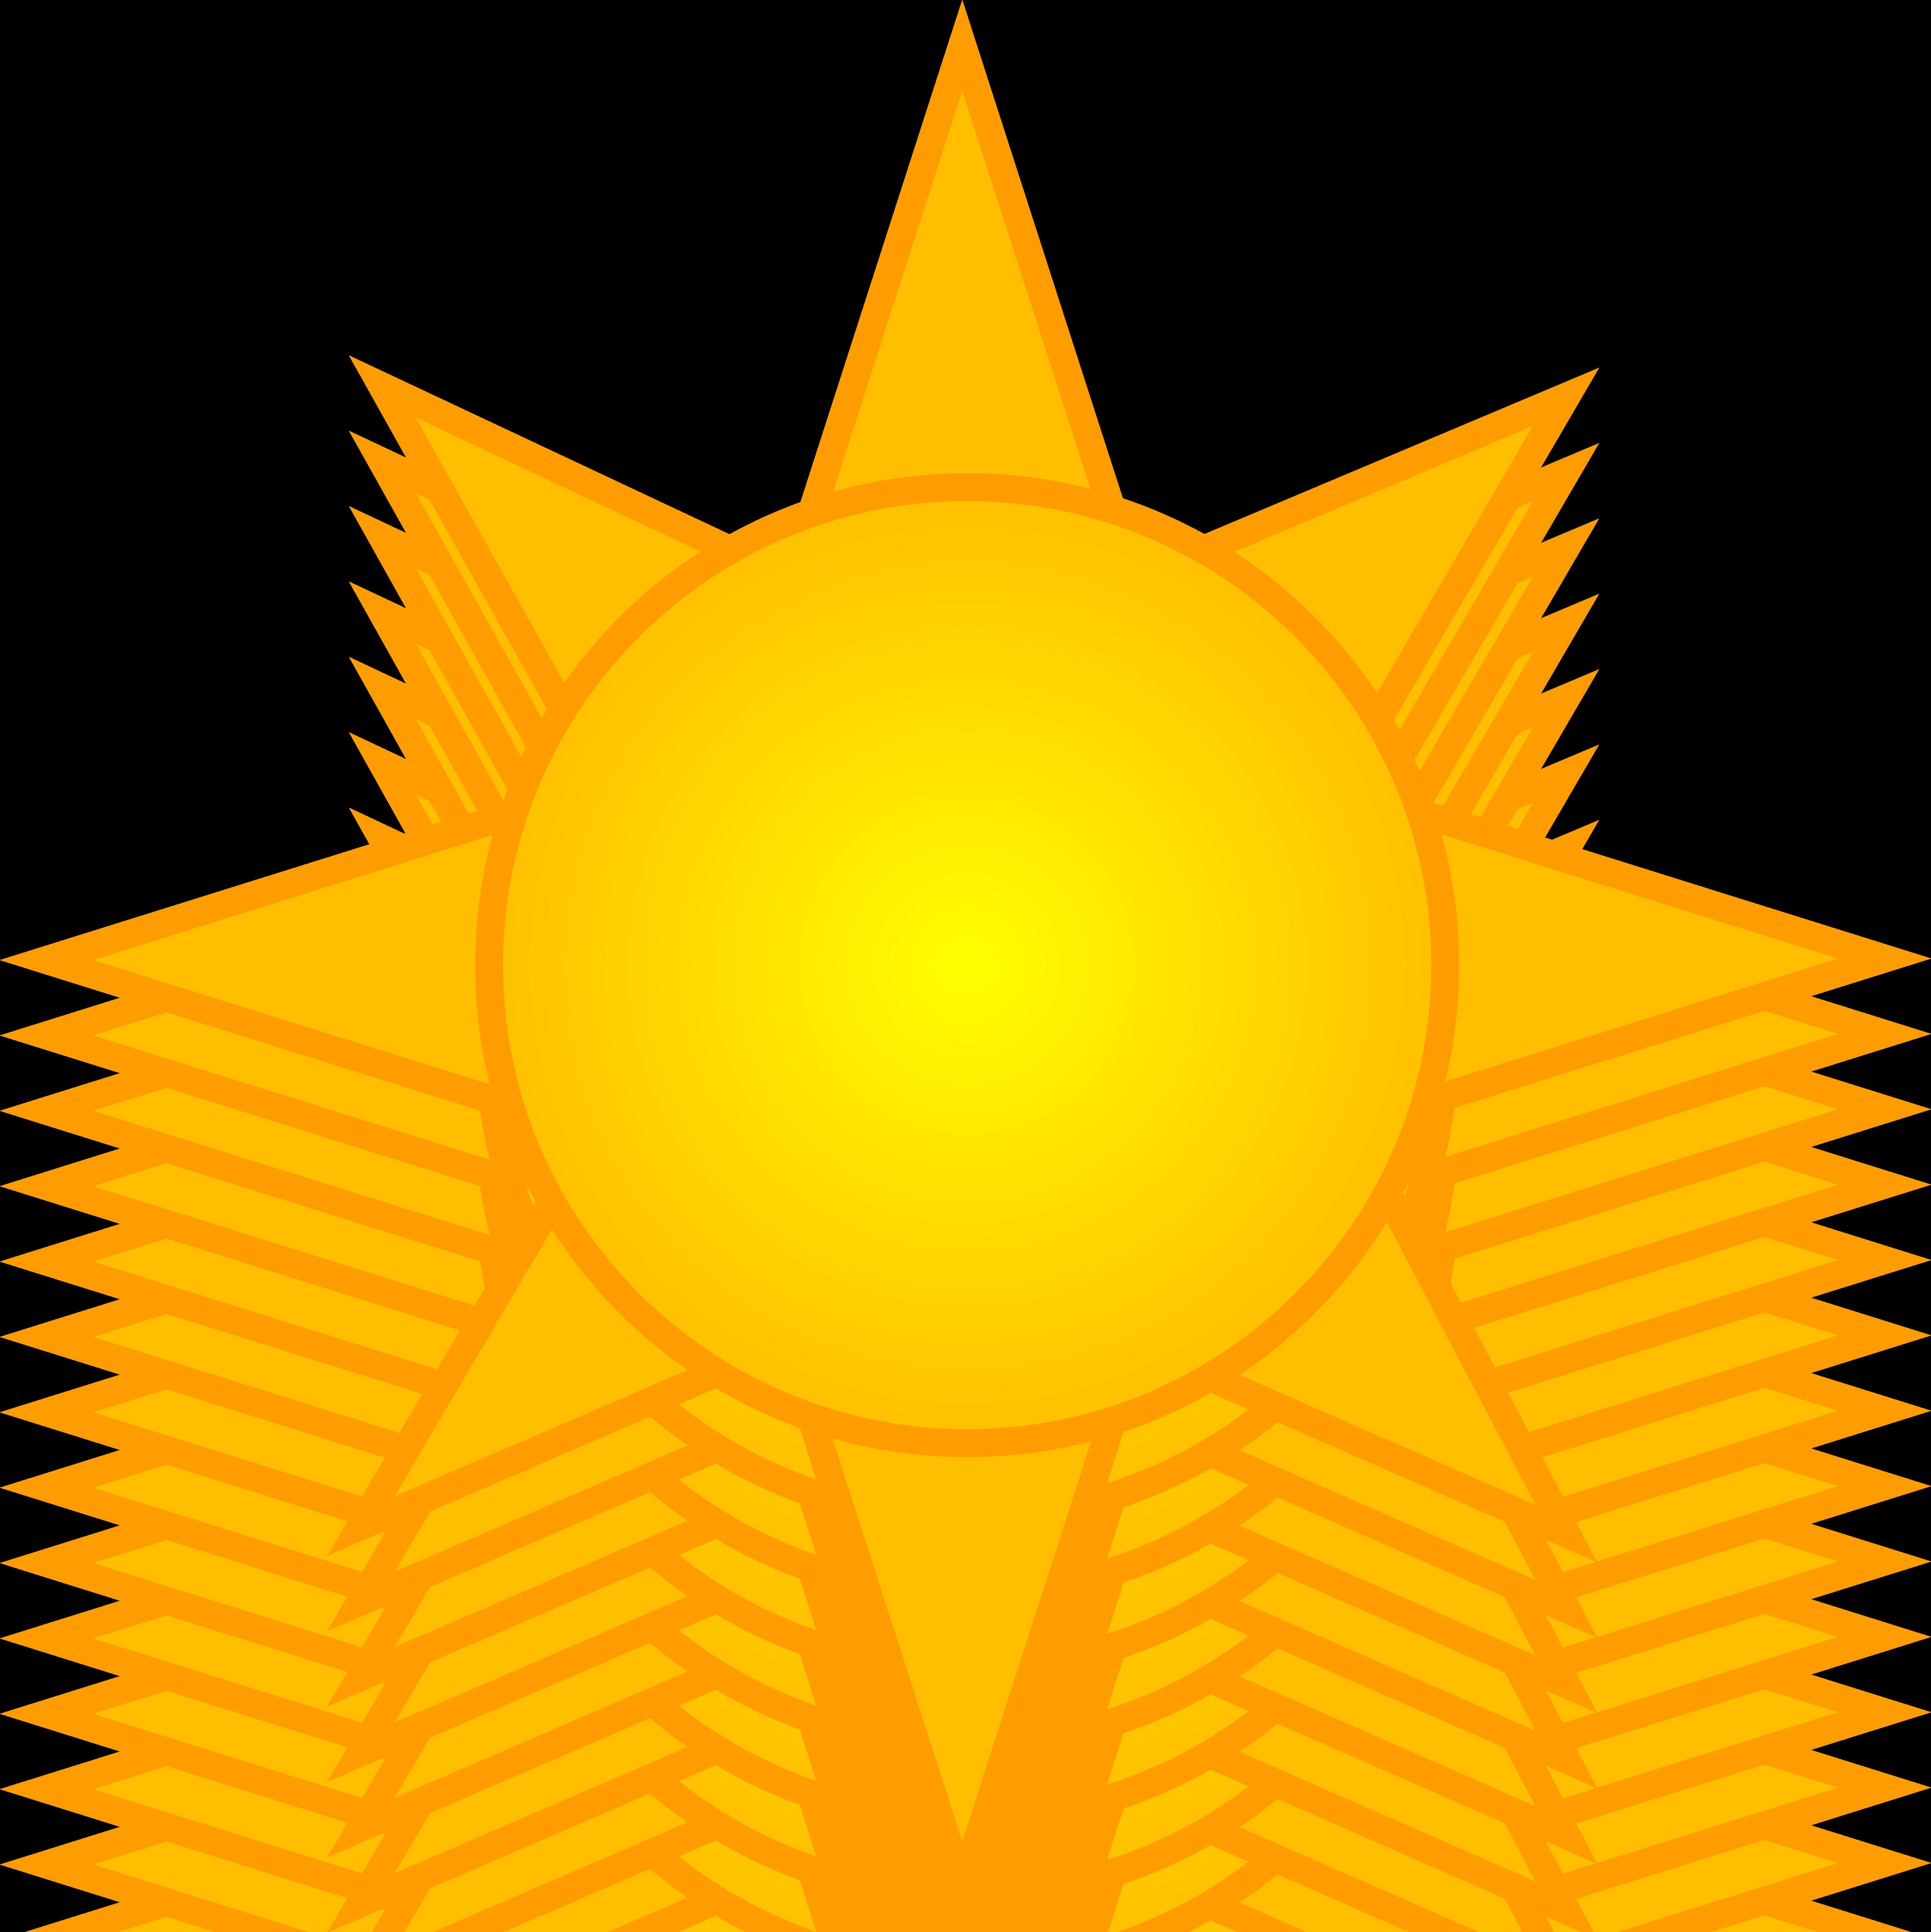 Summer Sun Clip Art | Clipart Library - -Summer Sun Clip Art | Clipart library - Free Clipart Images-8